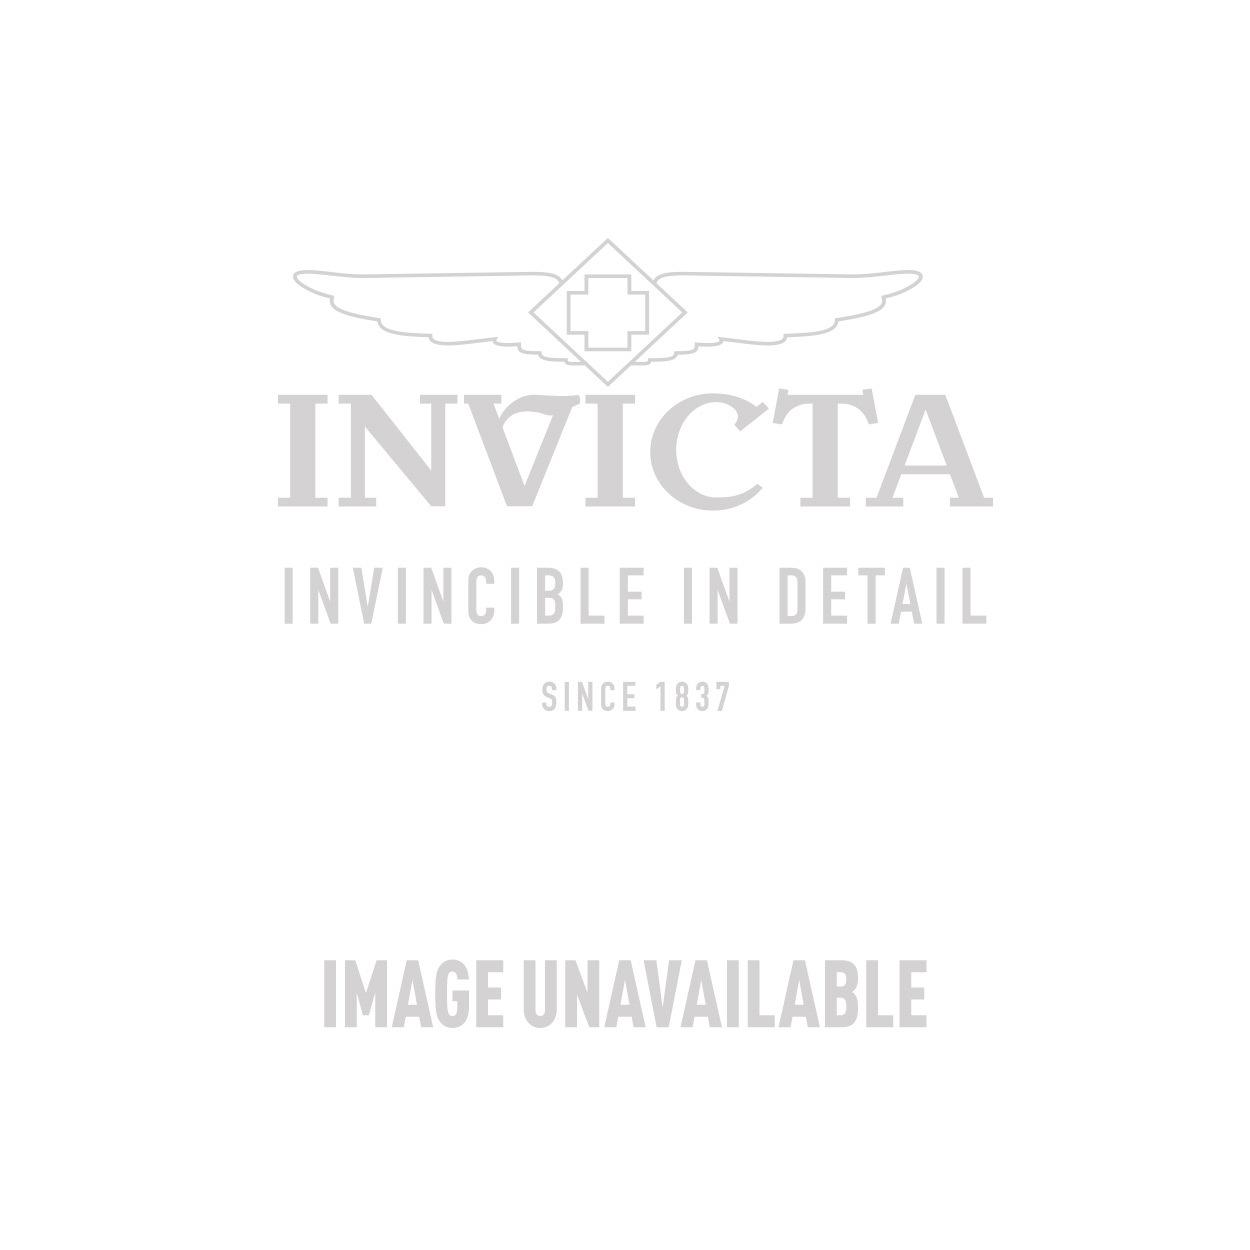 Invicta Model 26754